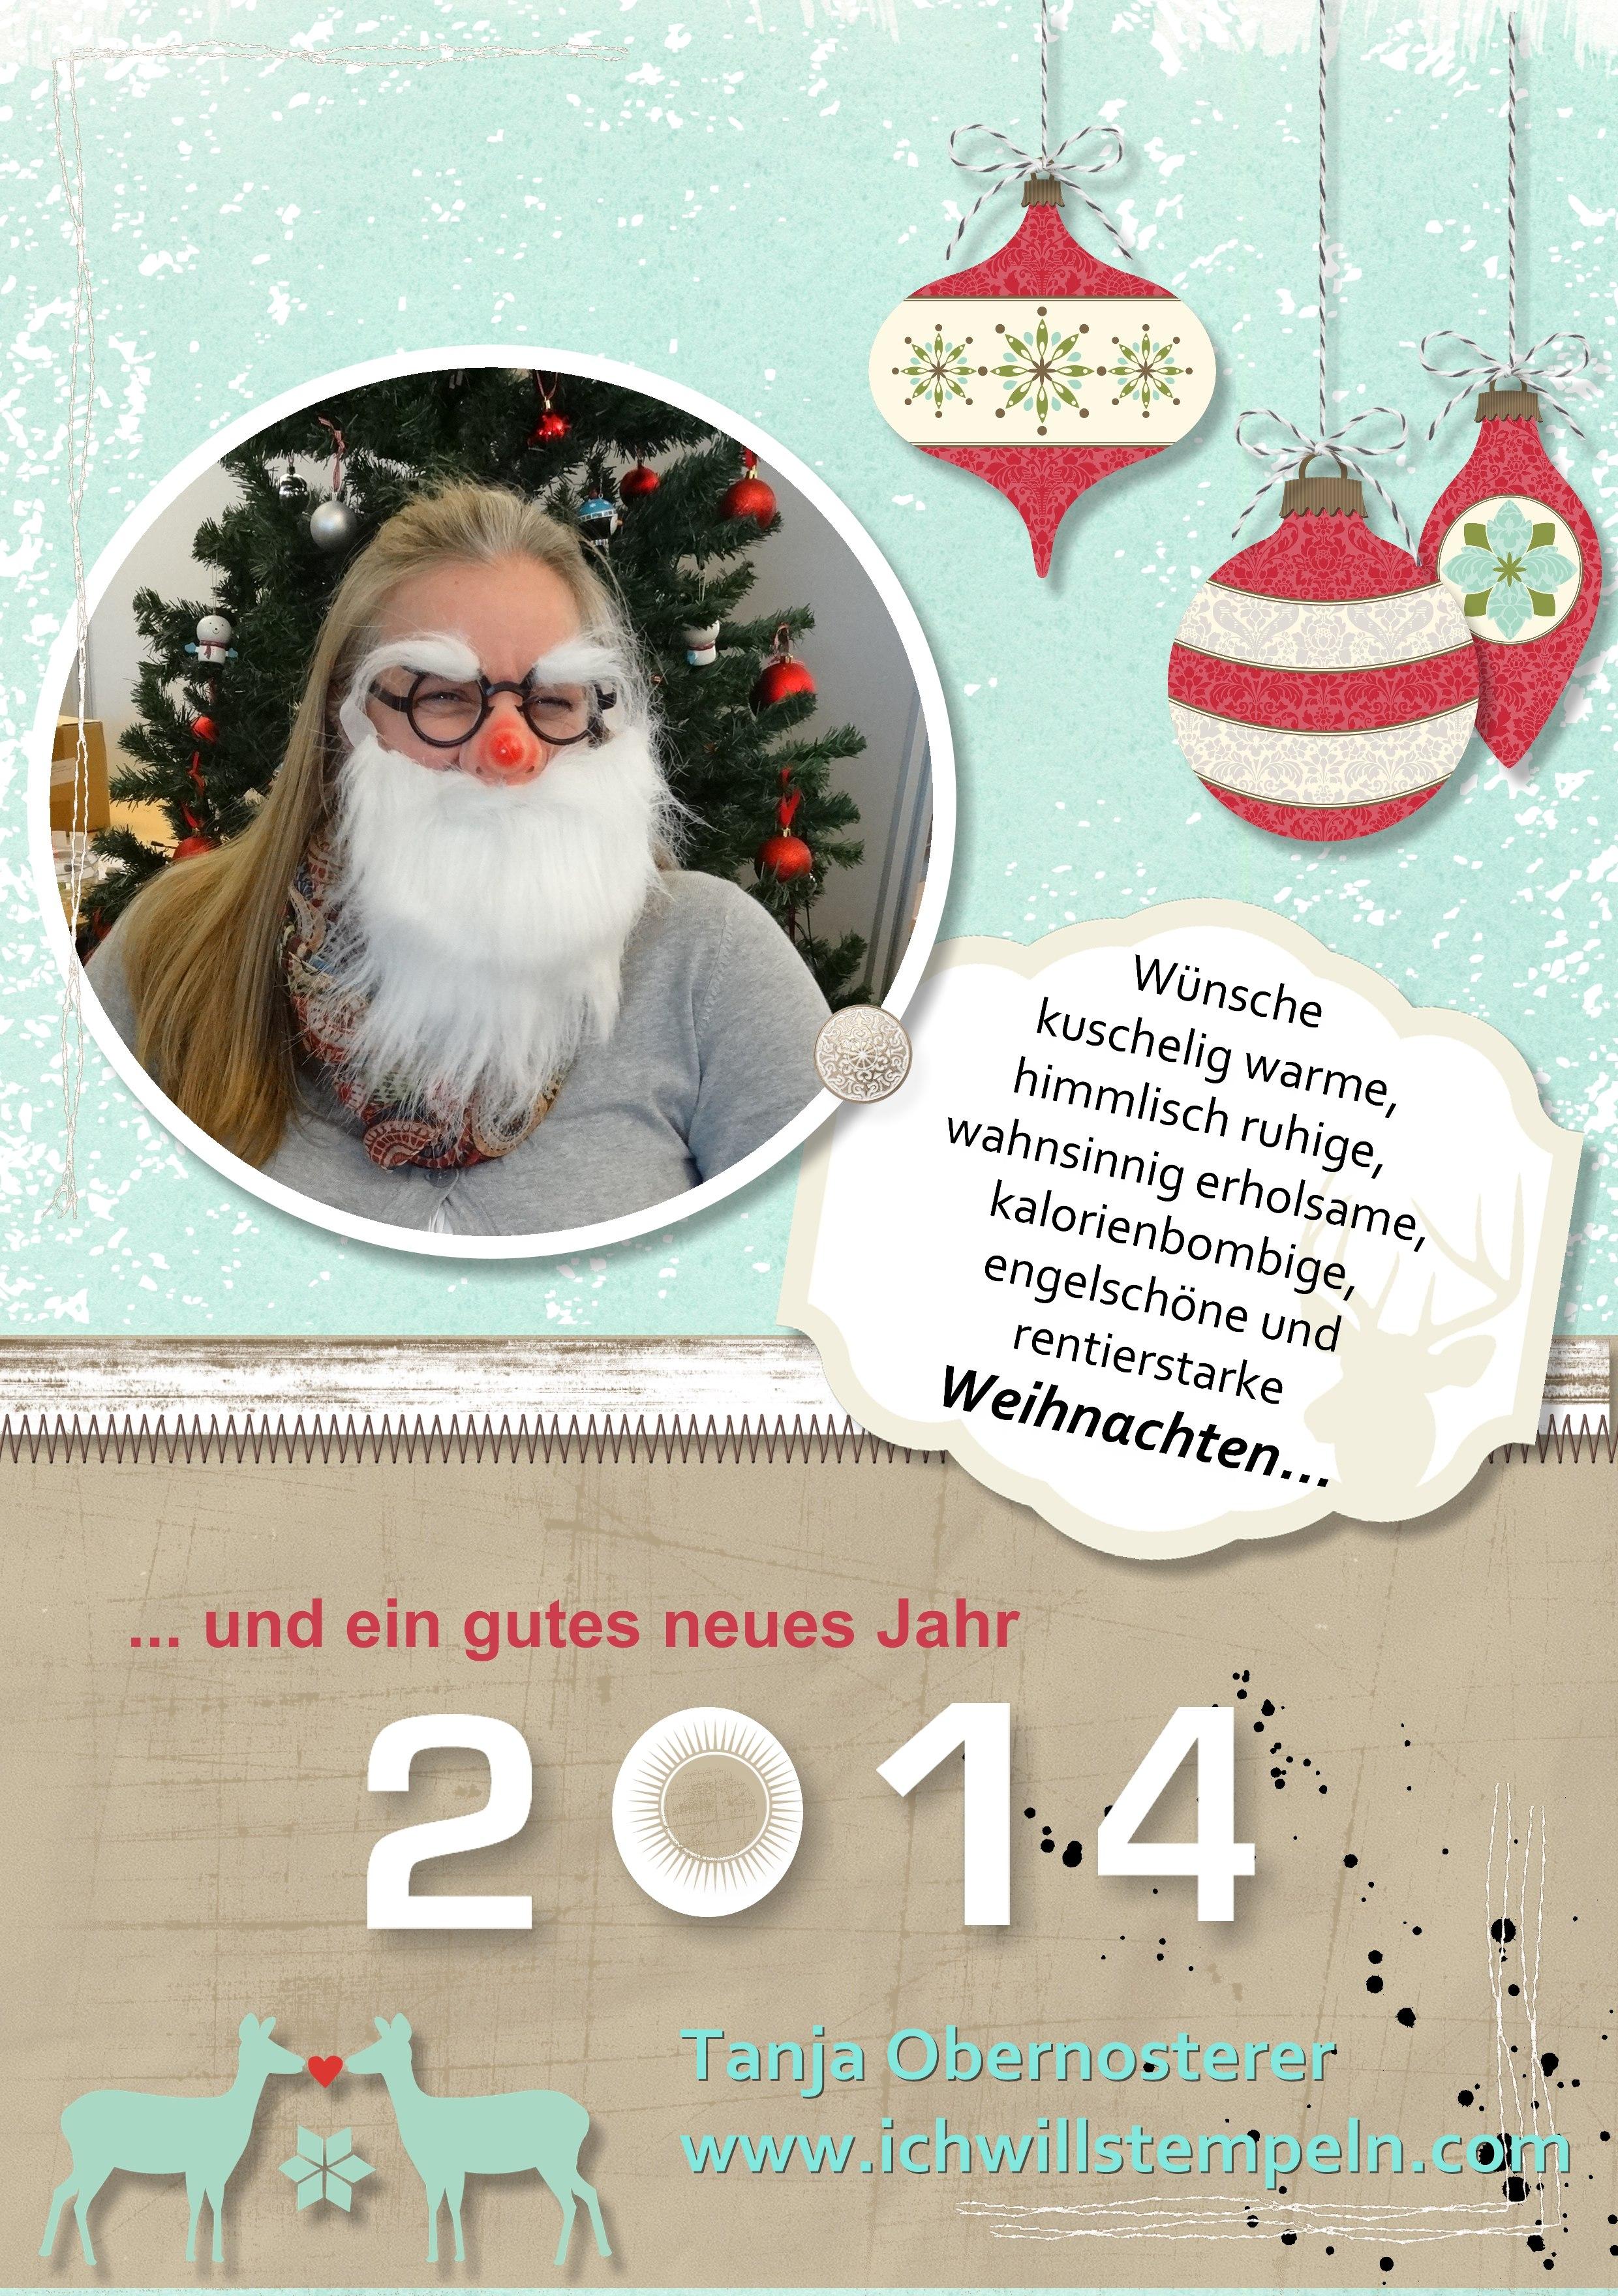 Weihnachten Neues Jahr 2014